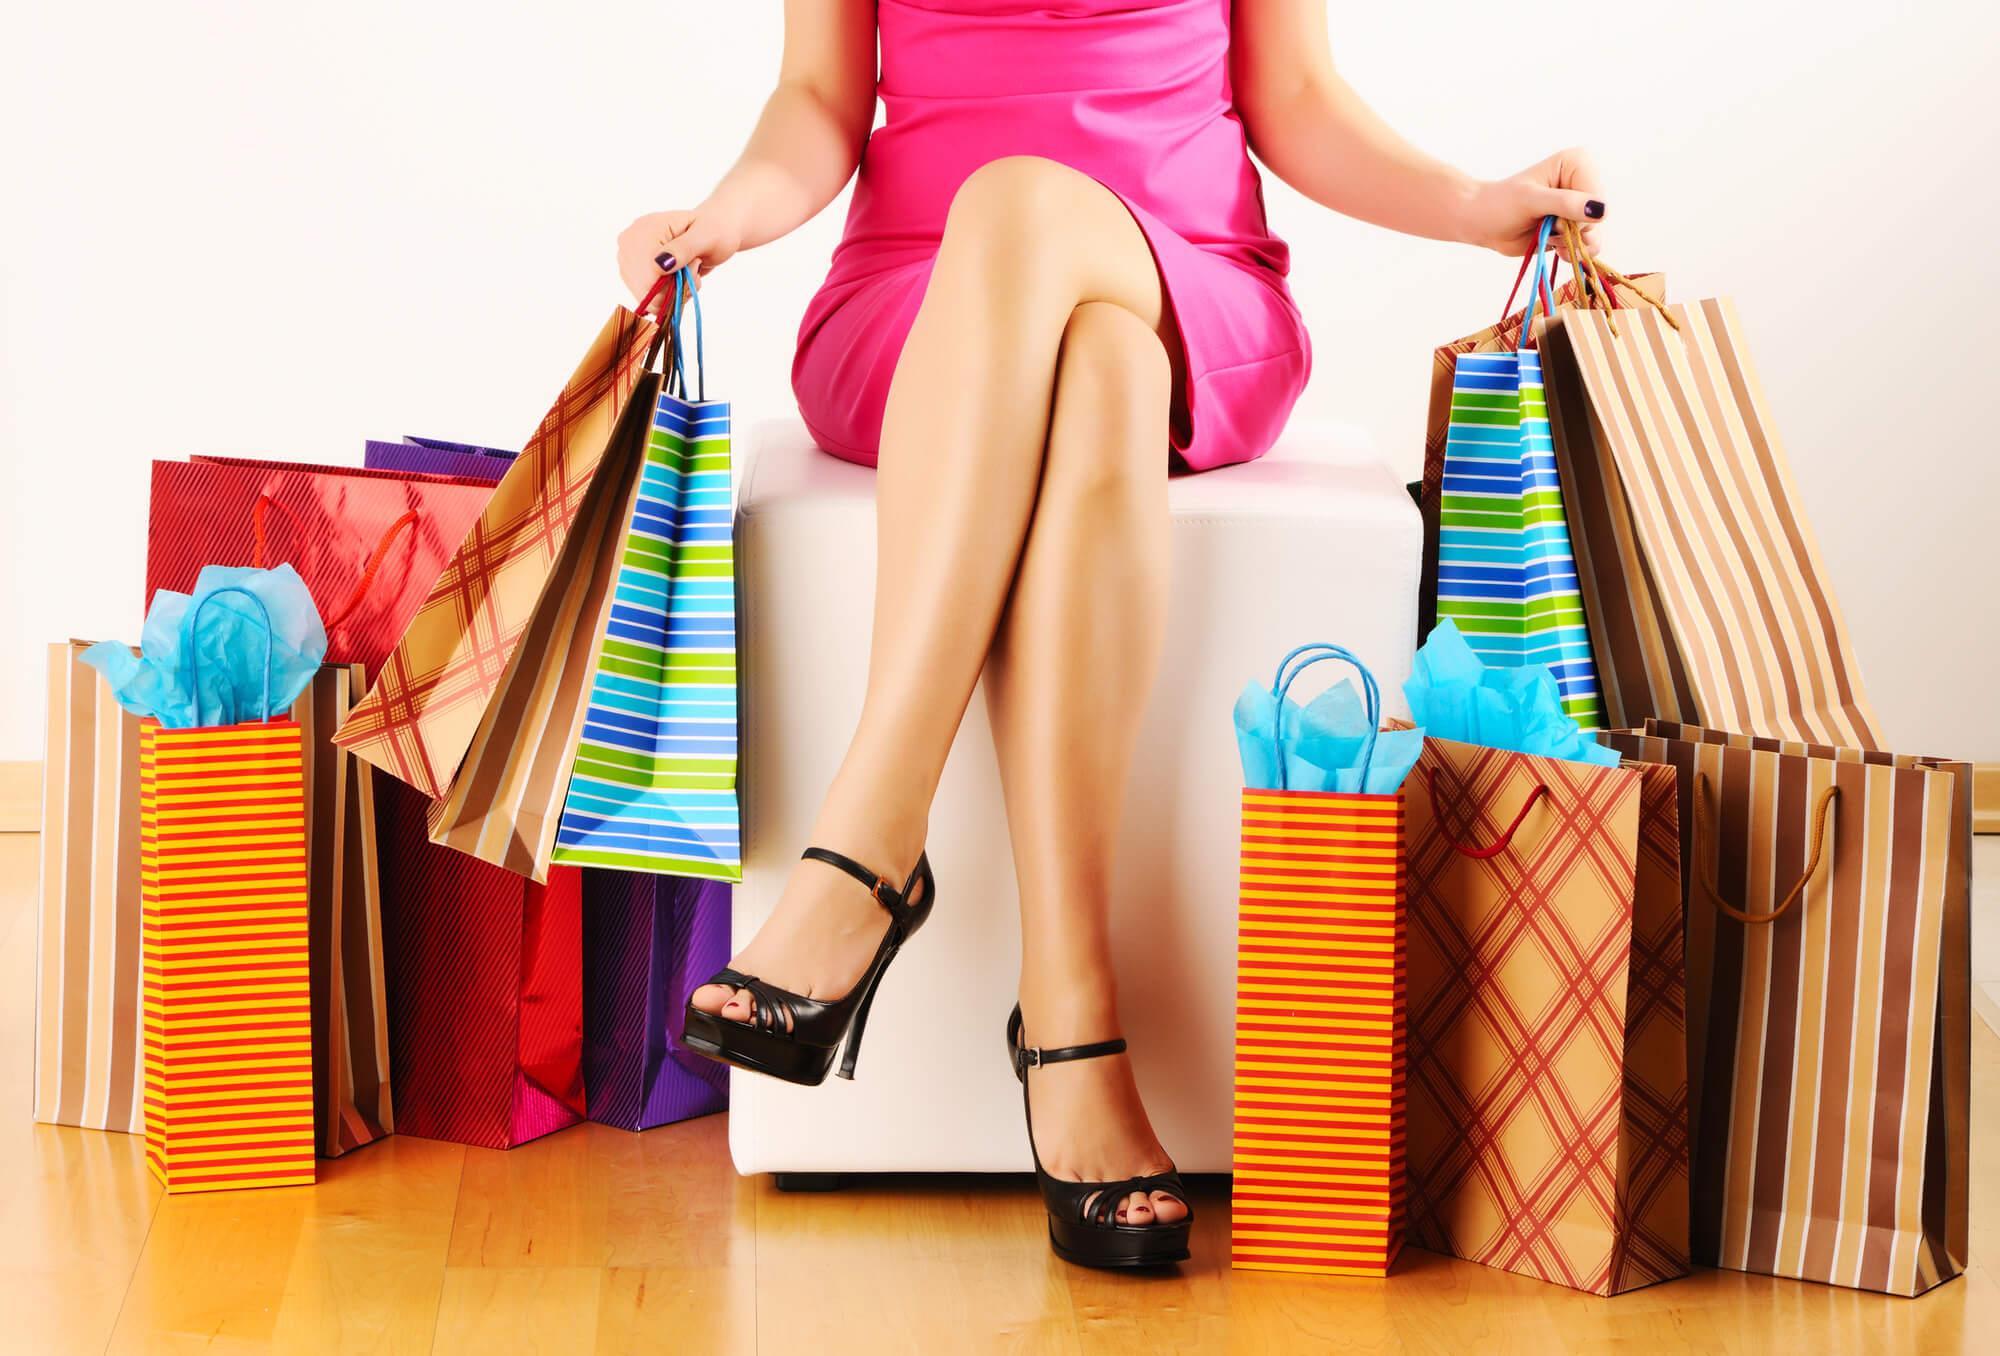 Как перестать покупать ненужную одежду?